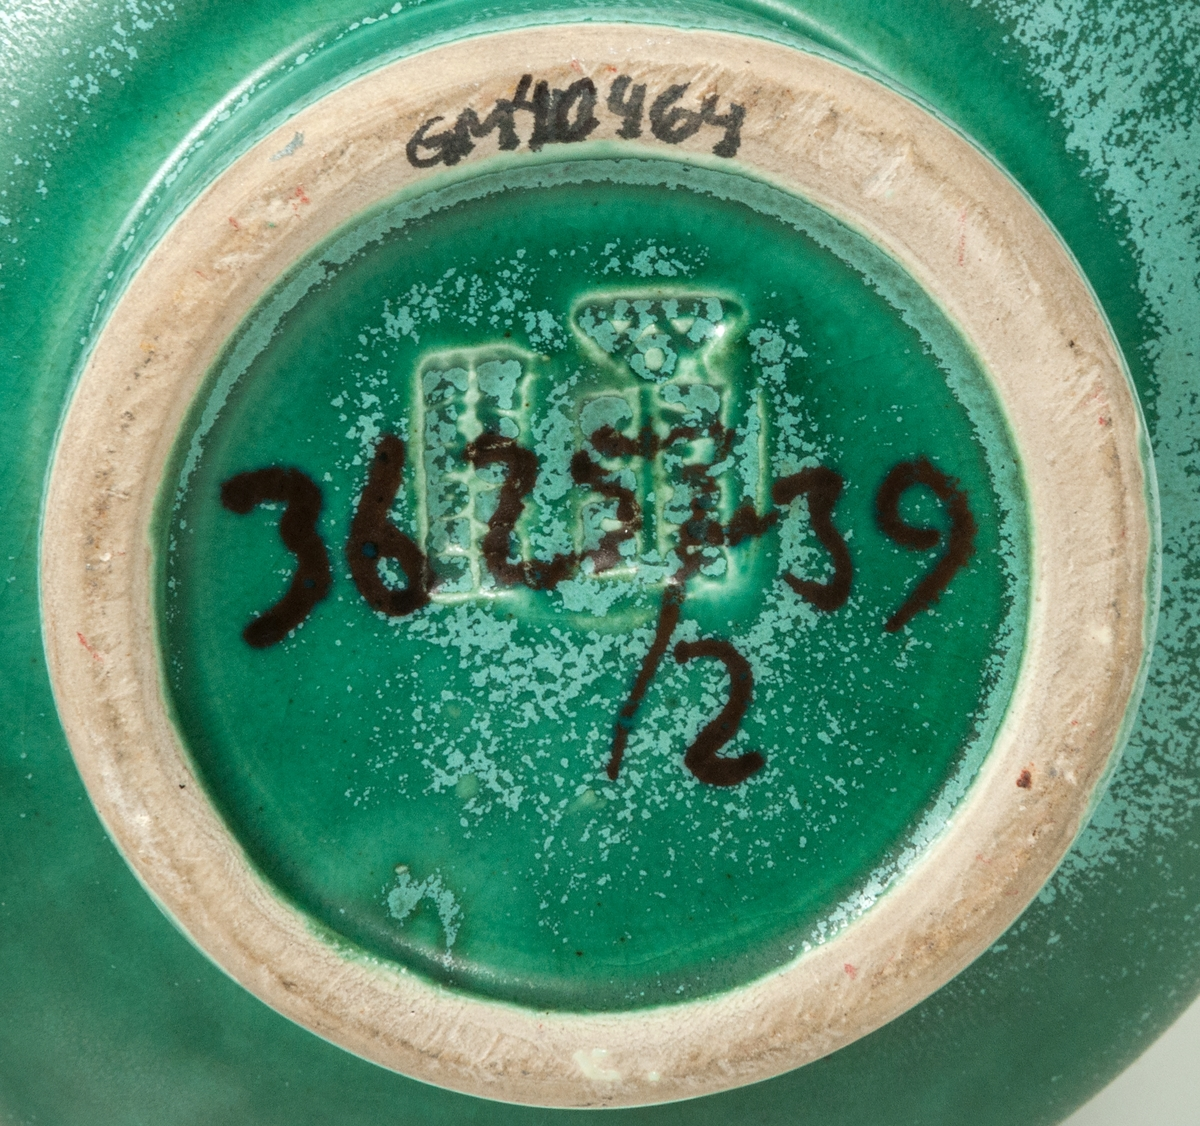 Vas, Bo Fajans, formgivare Gösta Boberg. Atomglasyr 39, havsgrön med ljusgrå patina. Modell: 3625/2 -39.